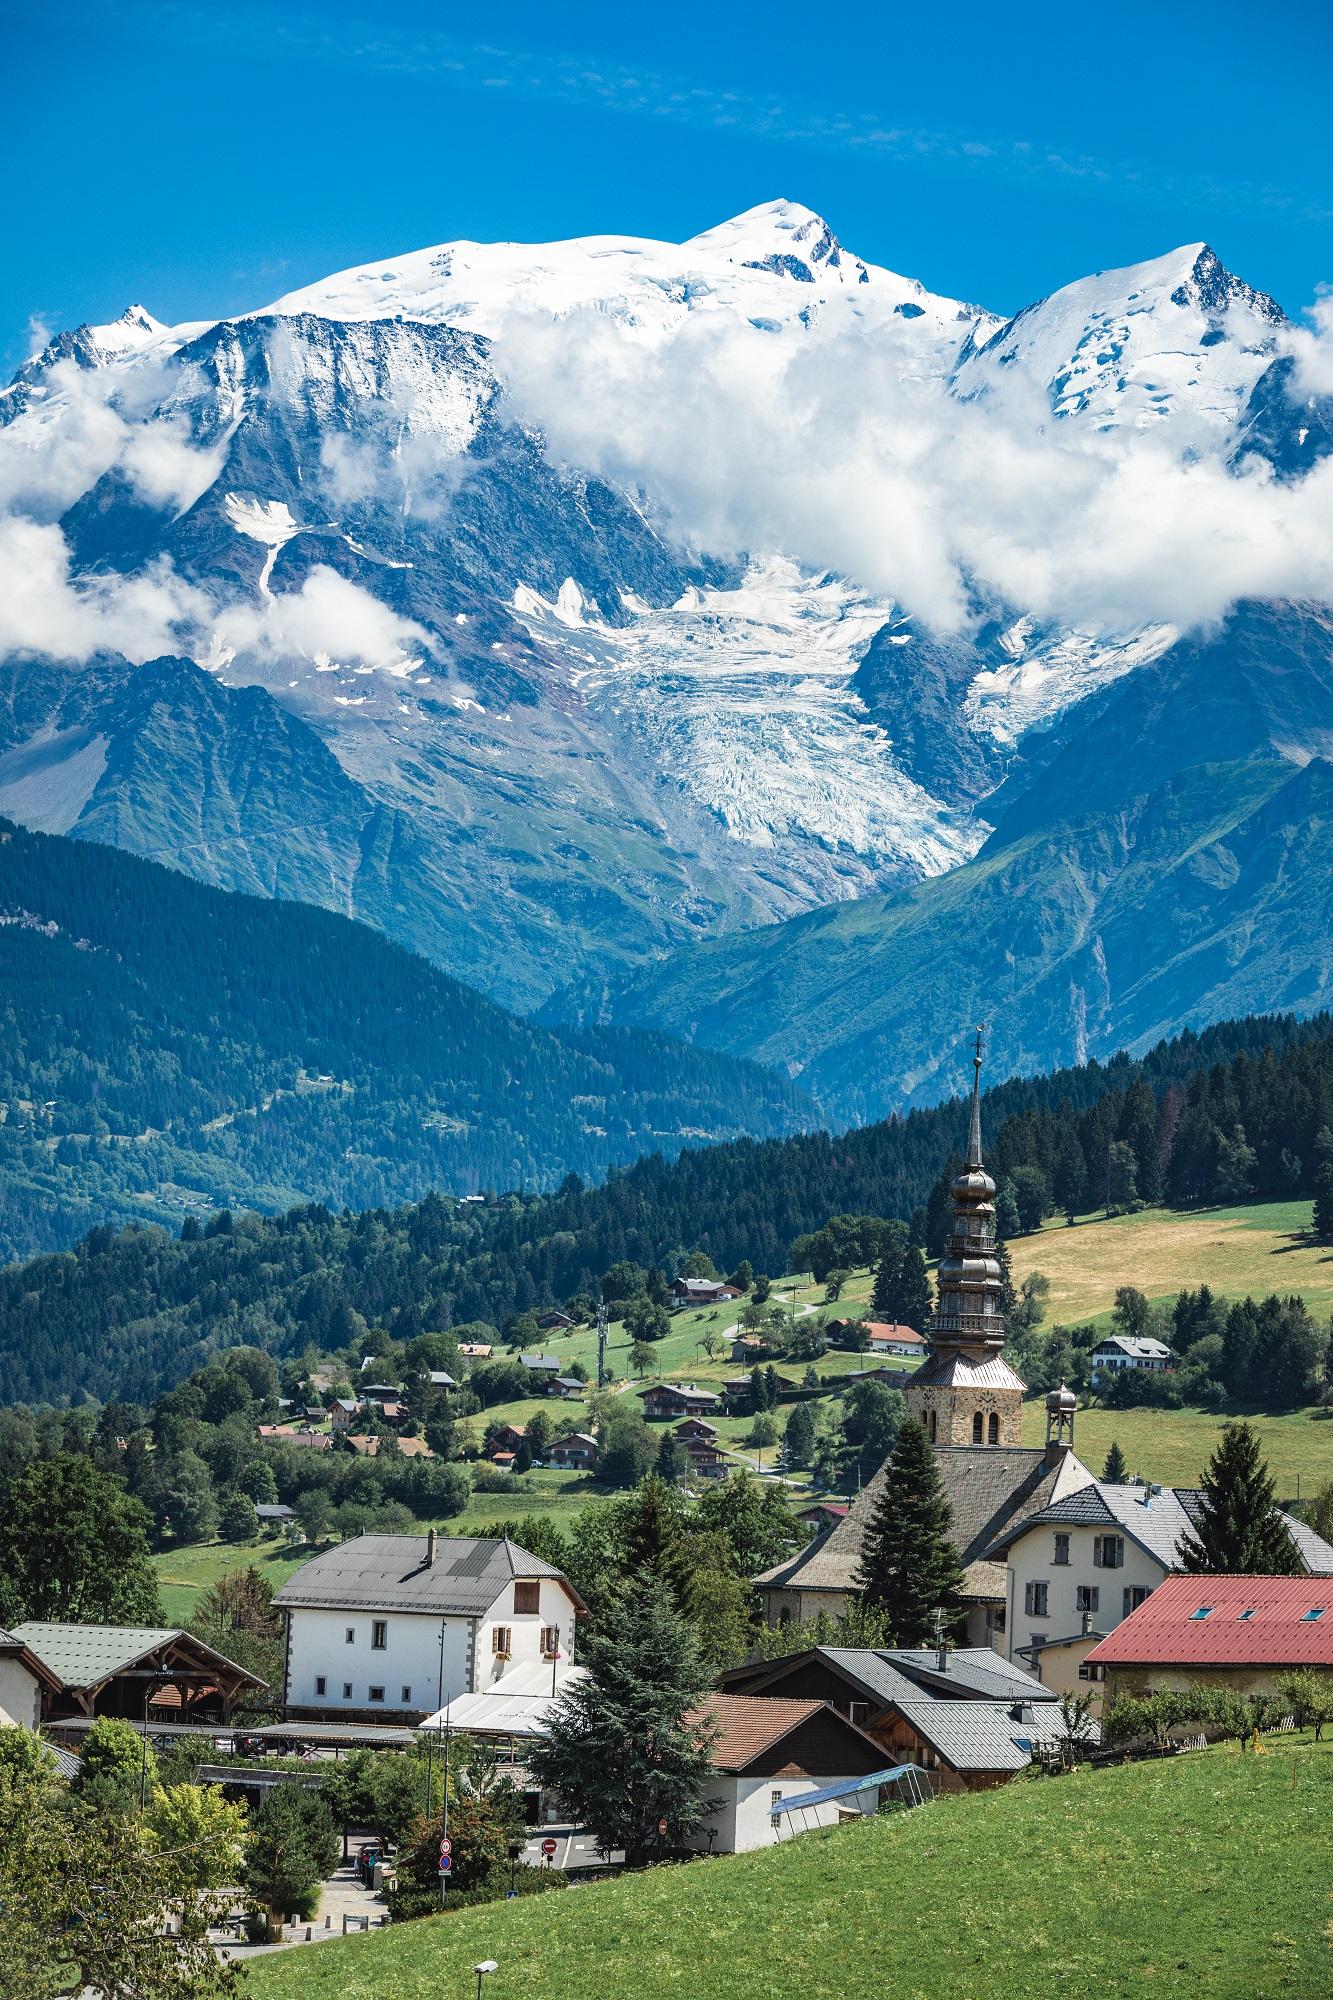 08-08-19-Mont-Blanc-Nuages-eglise-©Basile-DUNAND-OT-ComblouxHD-7